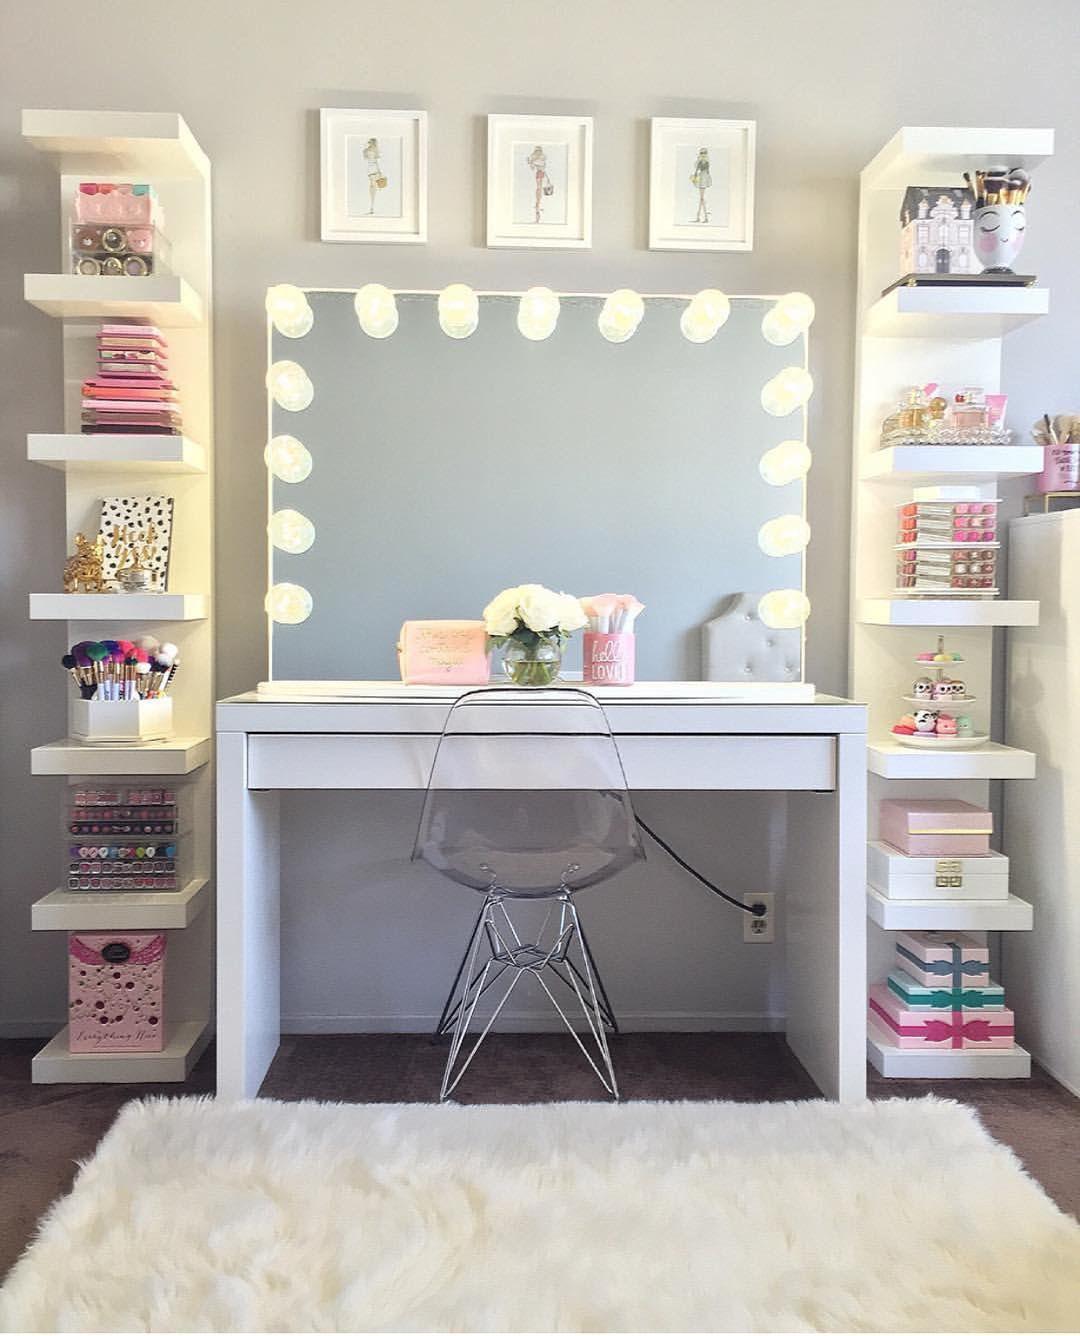 Pingl Par Krnmdbyul2 Sur Makeup Organization Pinterest  # Table Coiffeuse Pour Chambre